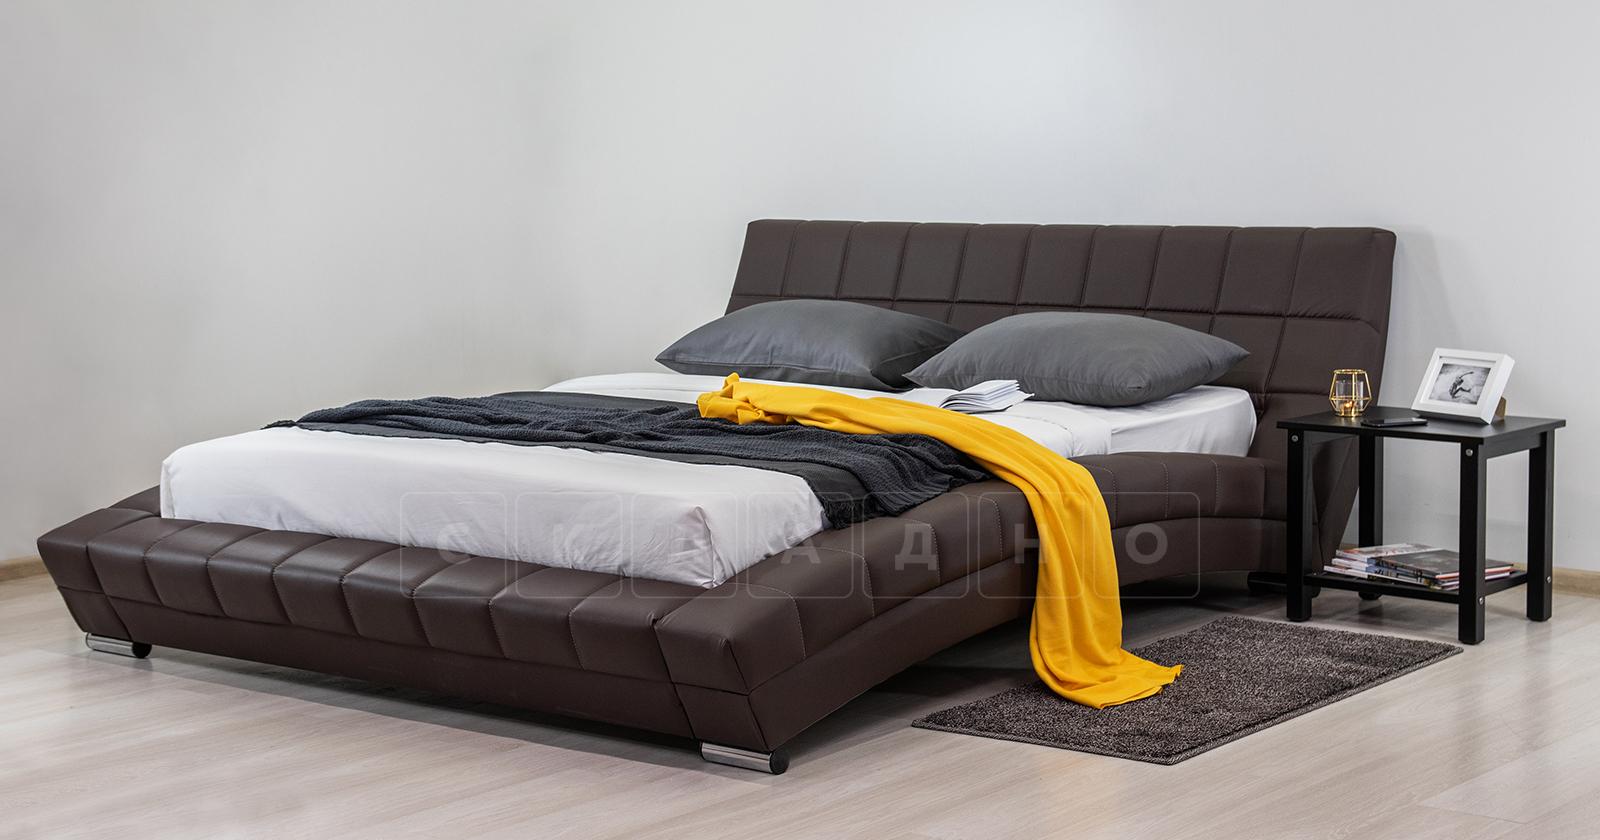 Мягкая кровать Оливия 160 см экокожа шоколад фото 10 | интернет-магазин Складно